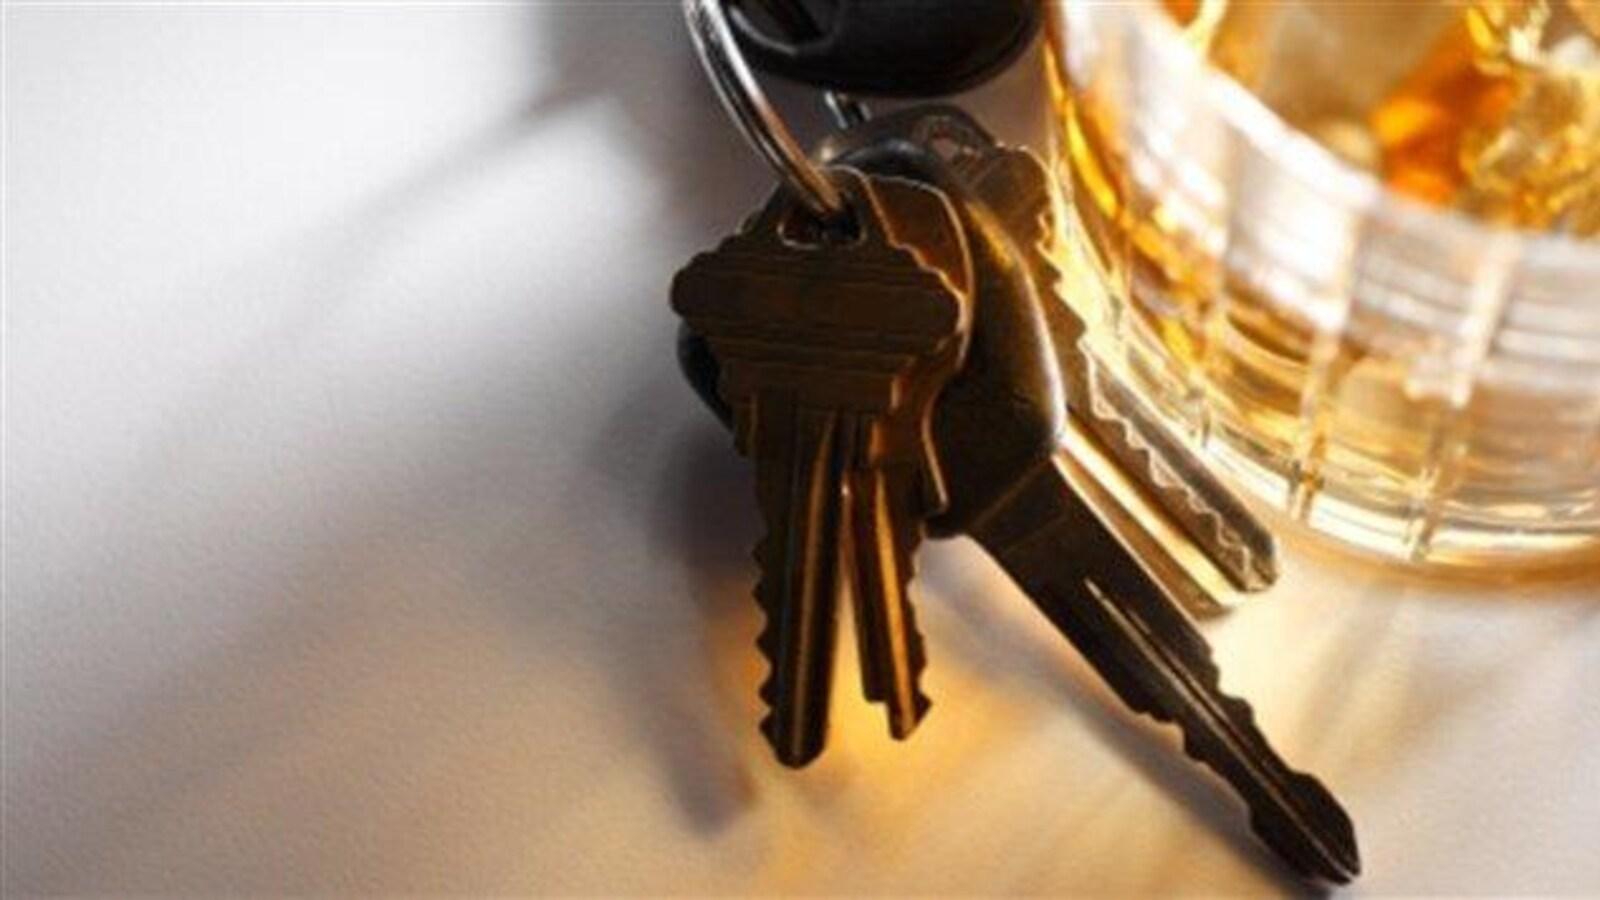 Des clés de voiture à côté d'un verre d'alcool.